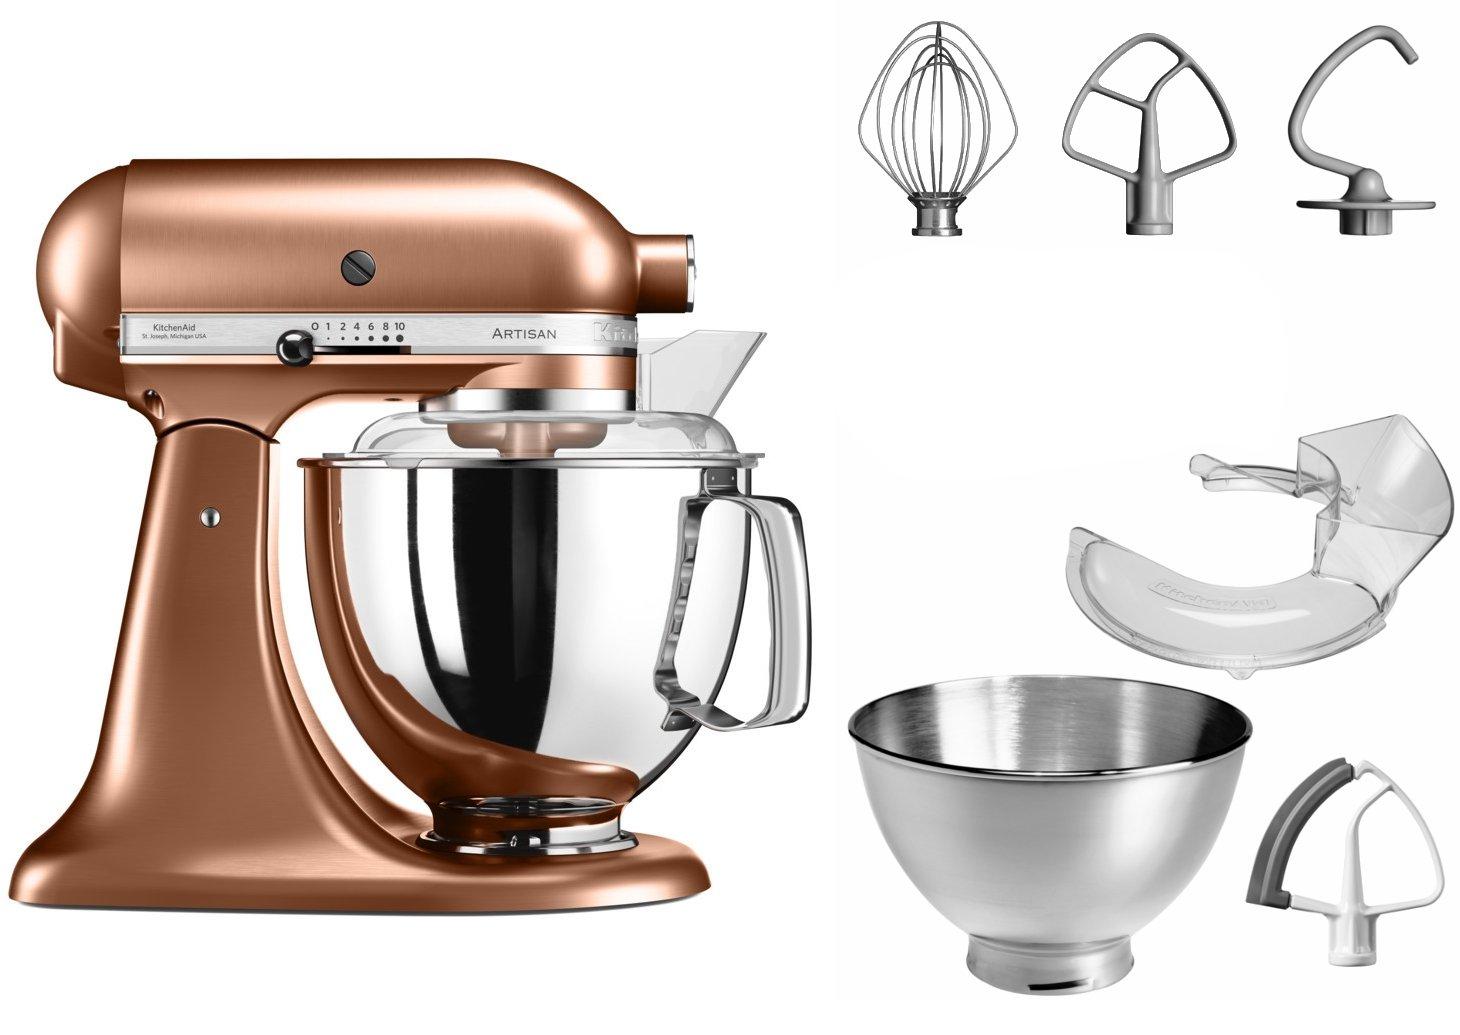 Amazon.de: KitchenAid Artisan Küchenmaschine (Kupfer, Edelstahl, 50 ...